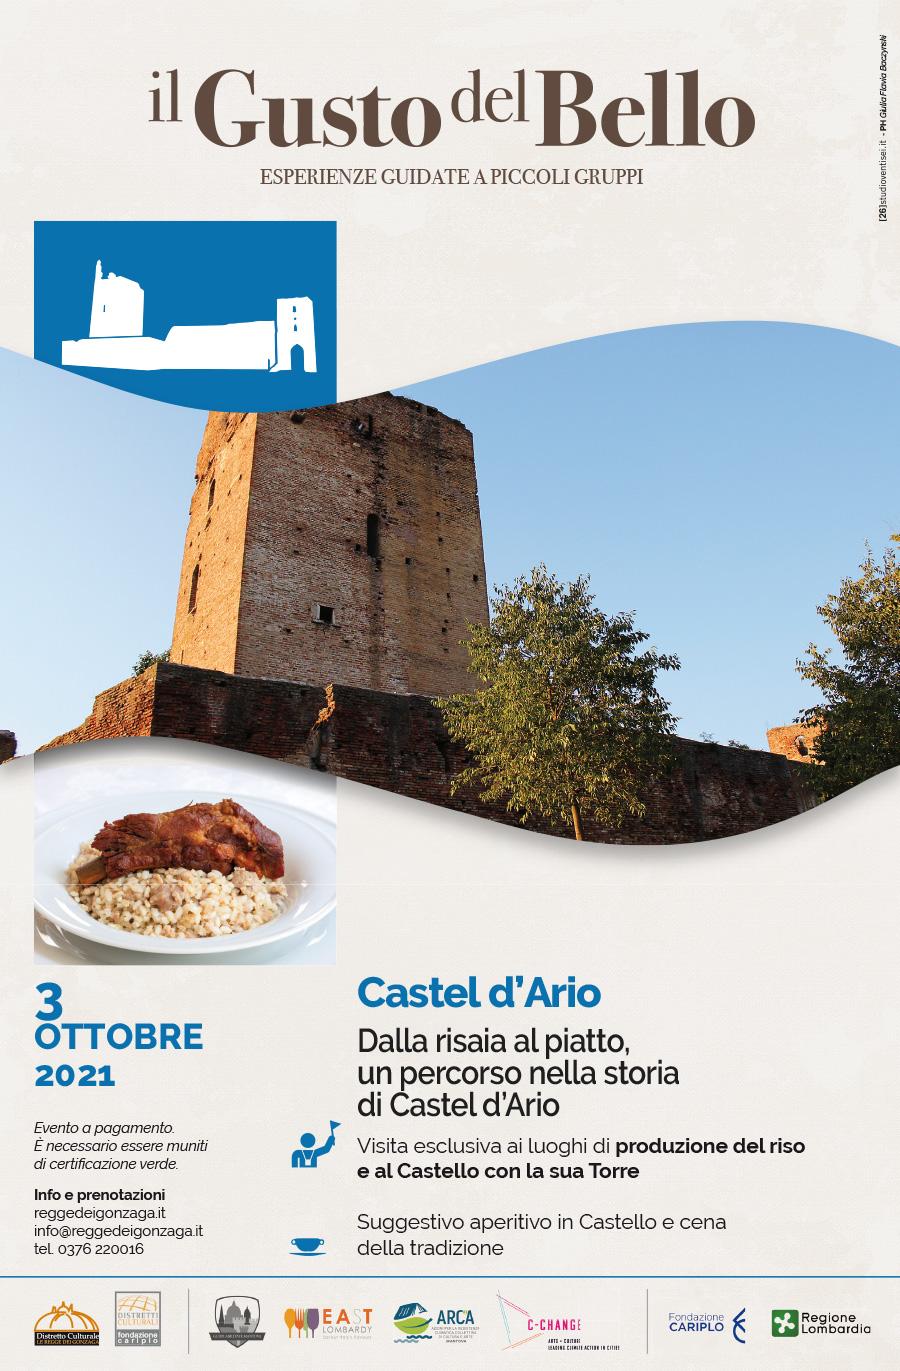 Il gusto del bello - Castel d'Ario